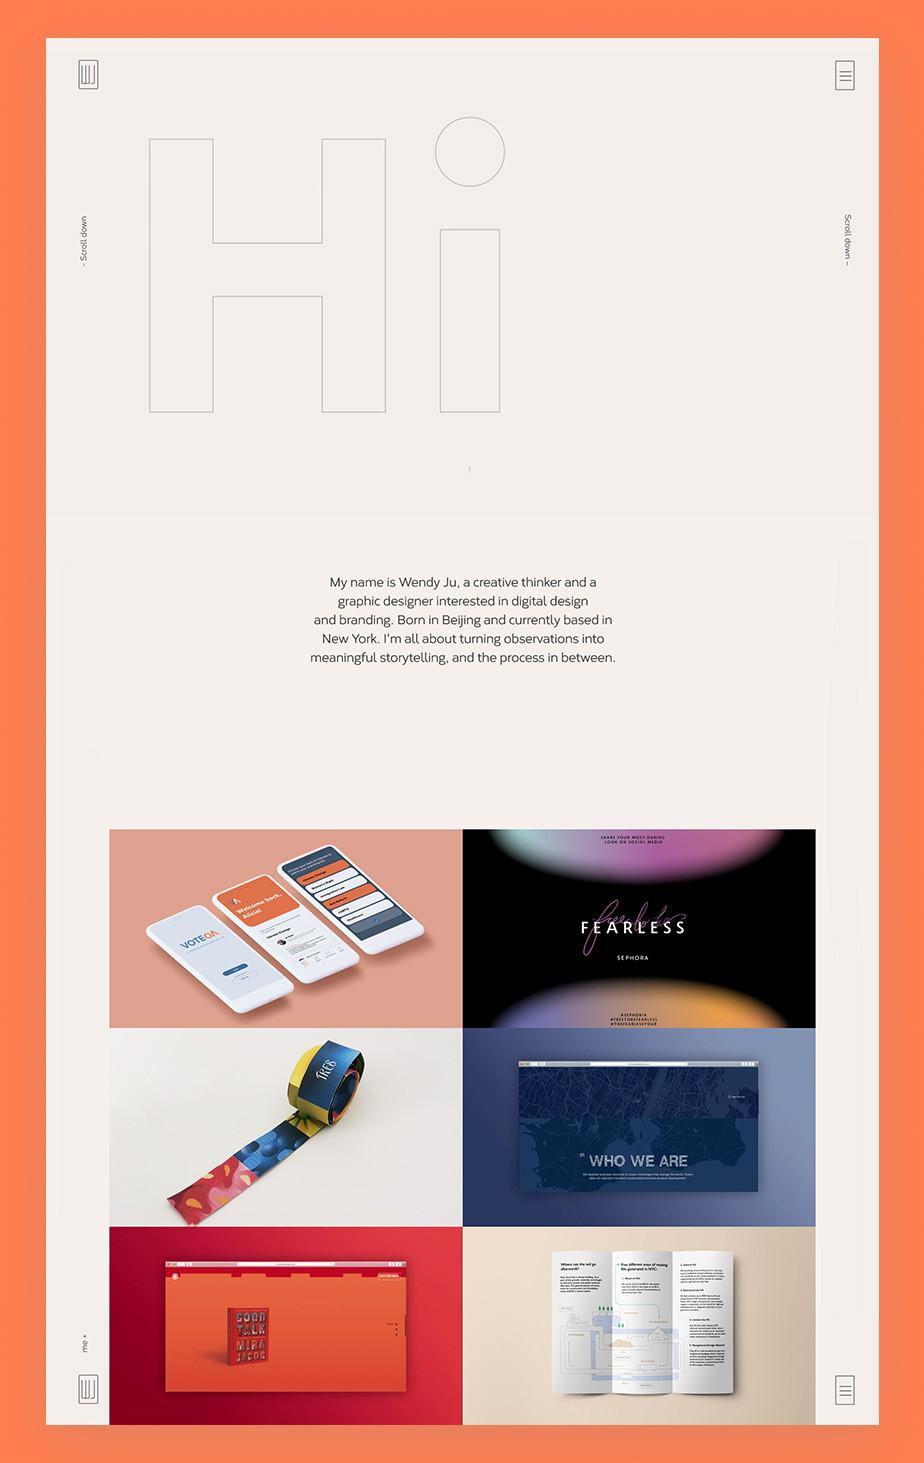 Примеры сайтов на Wix: Wendy Ju